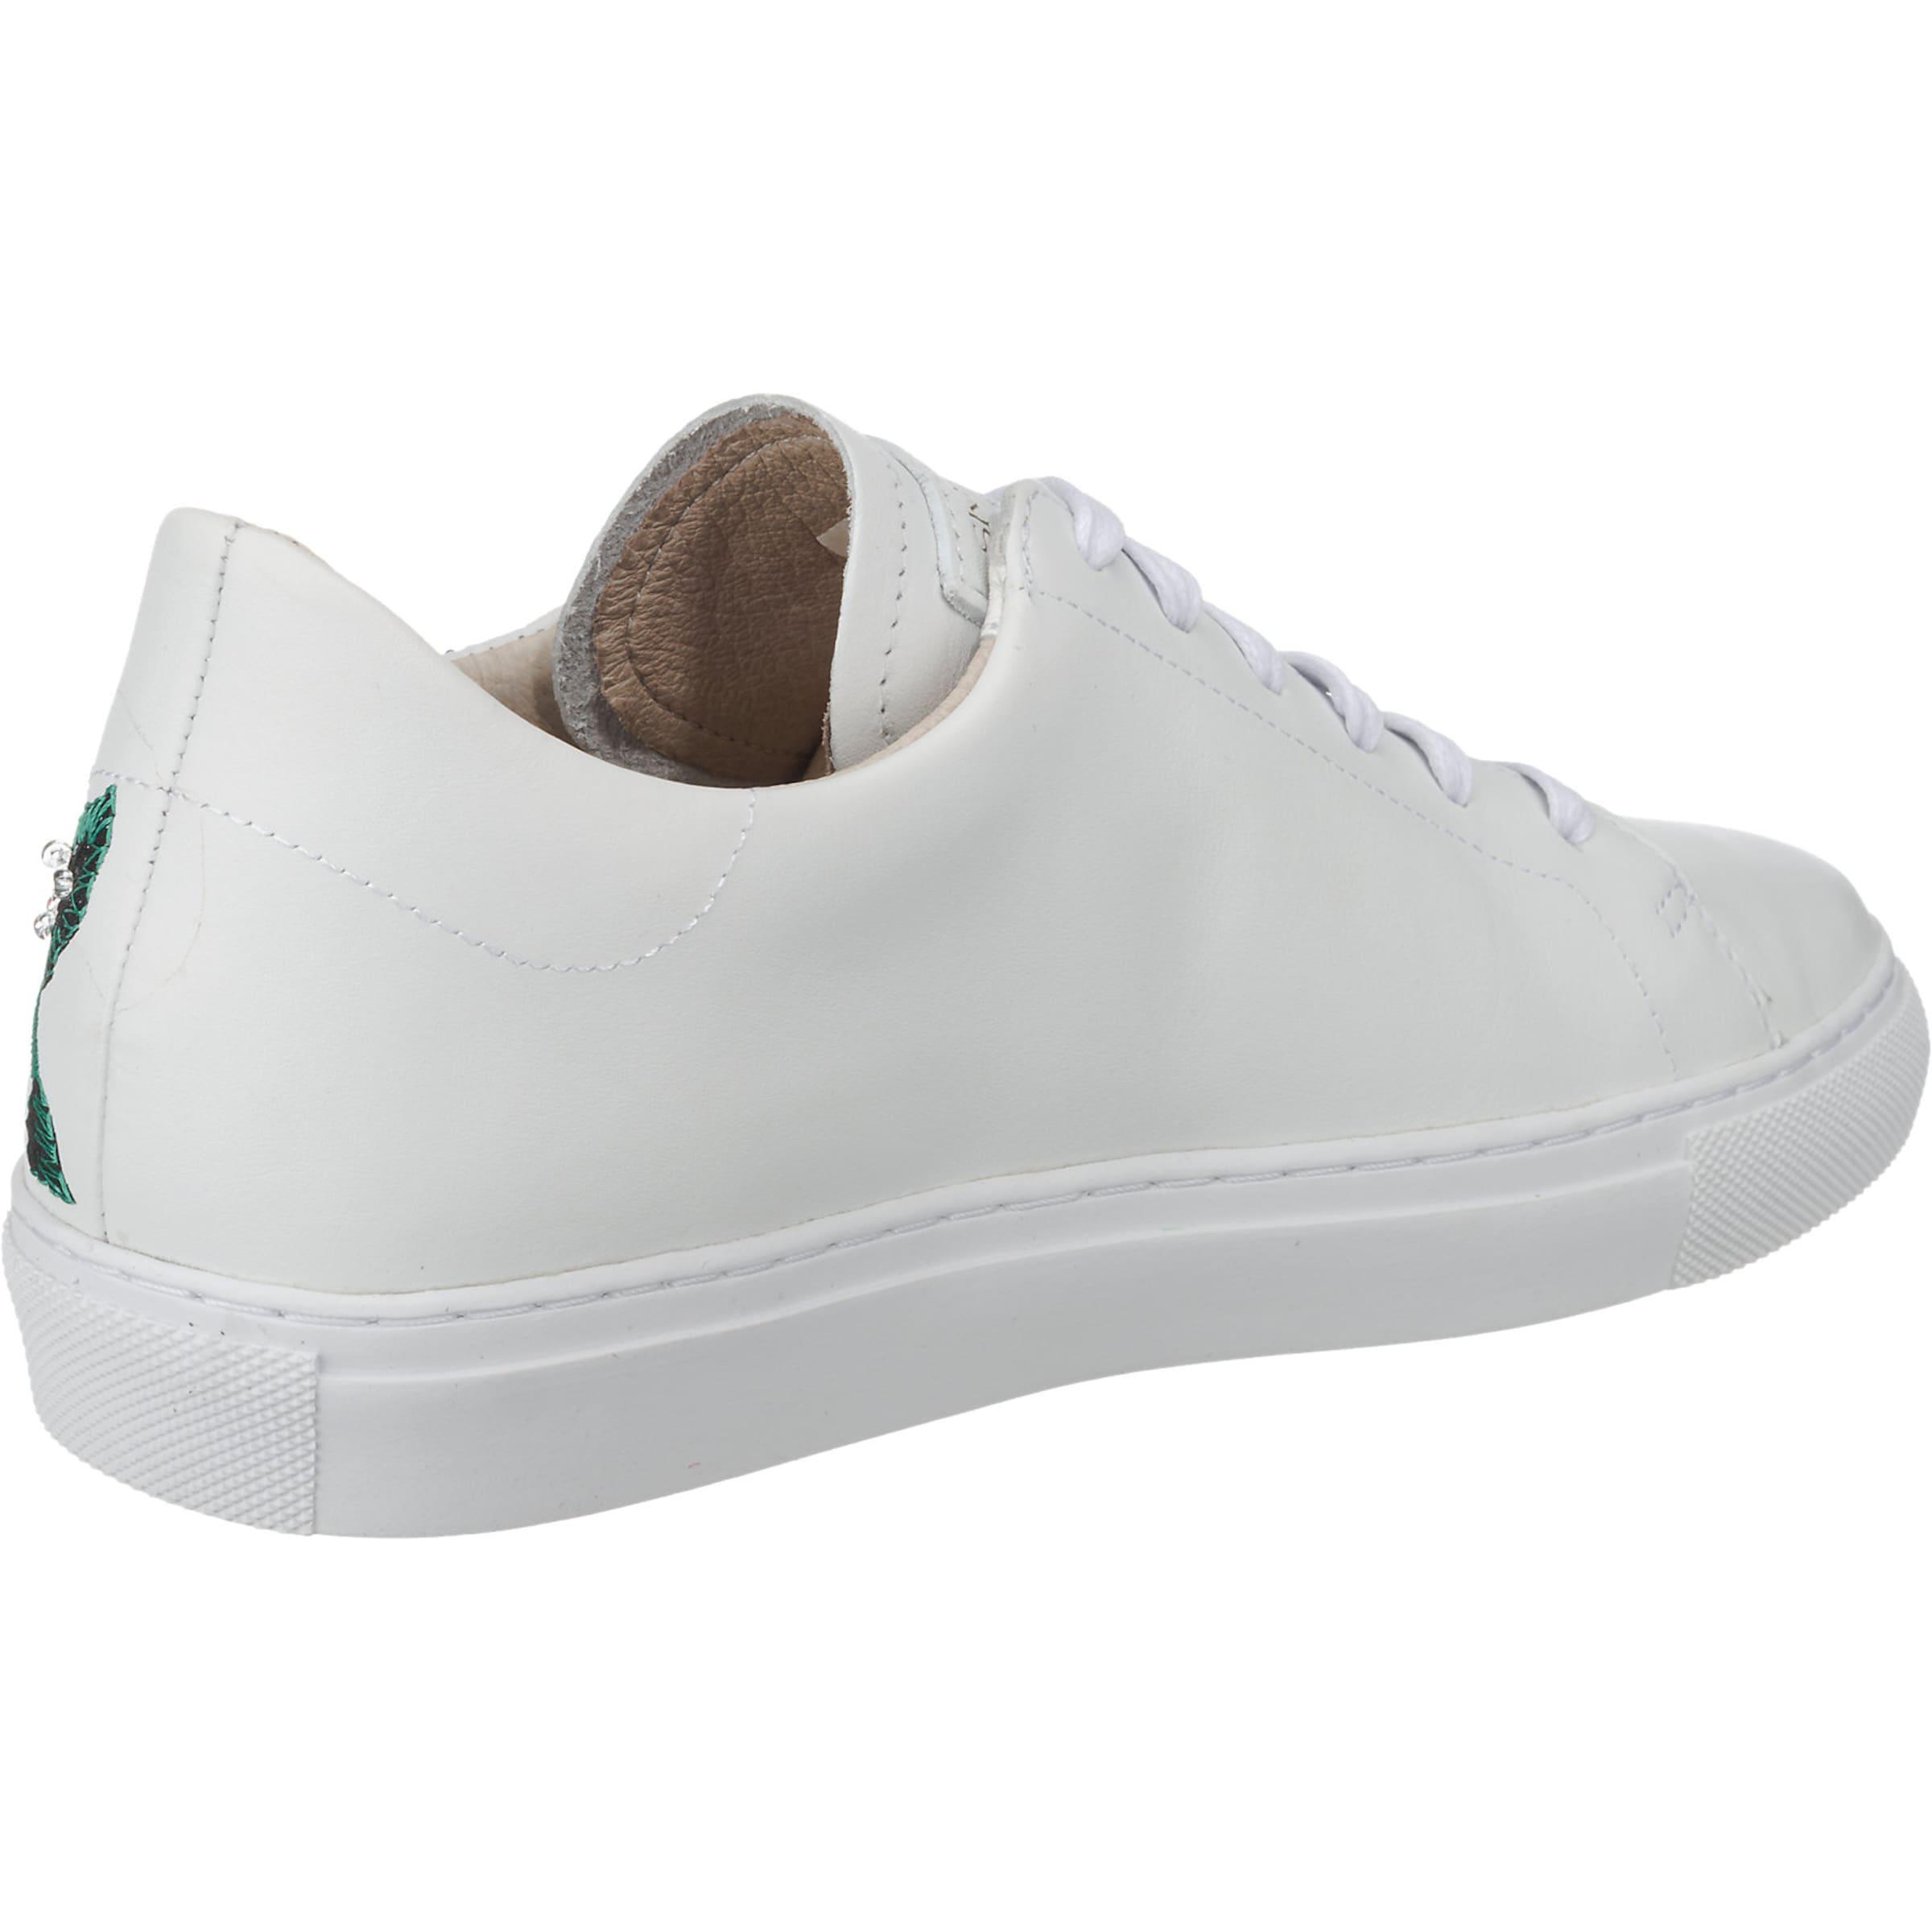 SKECHERS 'Vaso Flor' Sneakers Low Auslass 2018 Neu Eastbay Günstigen Preis Billige Bilder Freies Verschiffen Neuestes Gutes Angebot HkWgwG